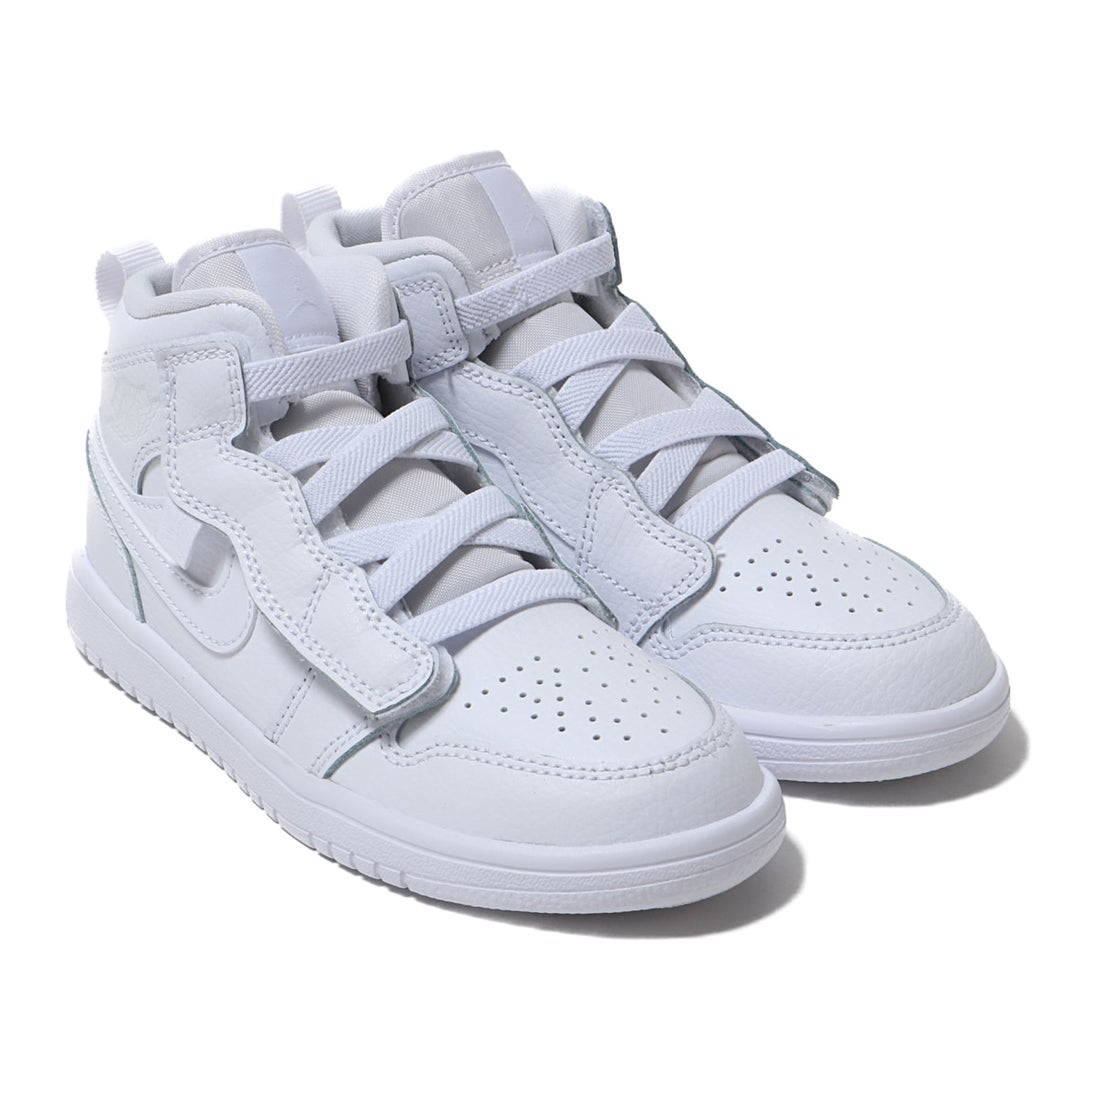 ロコンド 靴とファッションの通販サイトジョーダン ブランド JORDAN BRAND NIKE JORDAN 1 MID ALT (WHITE)